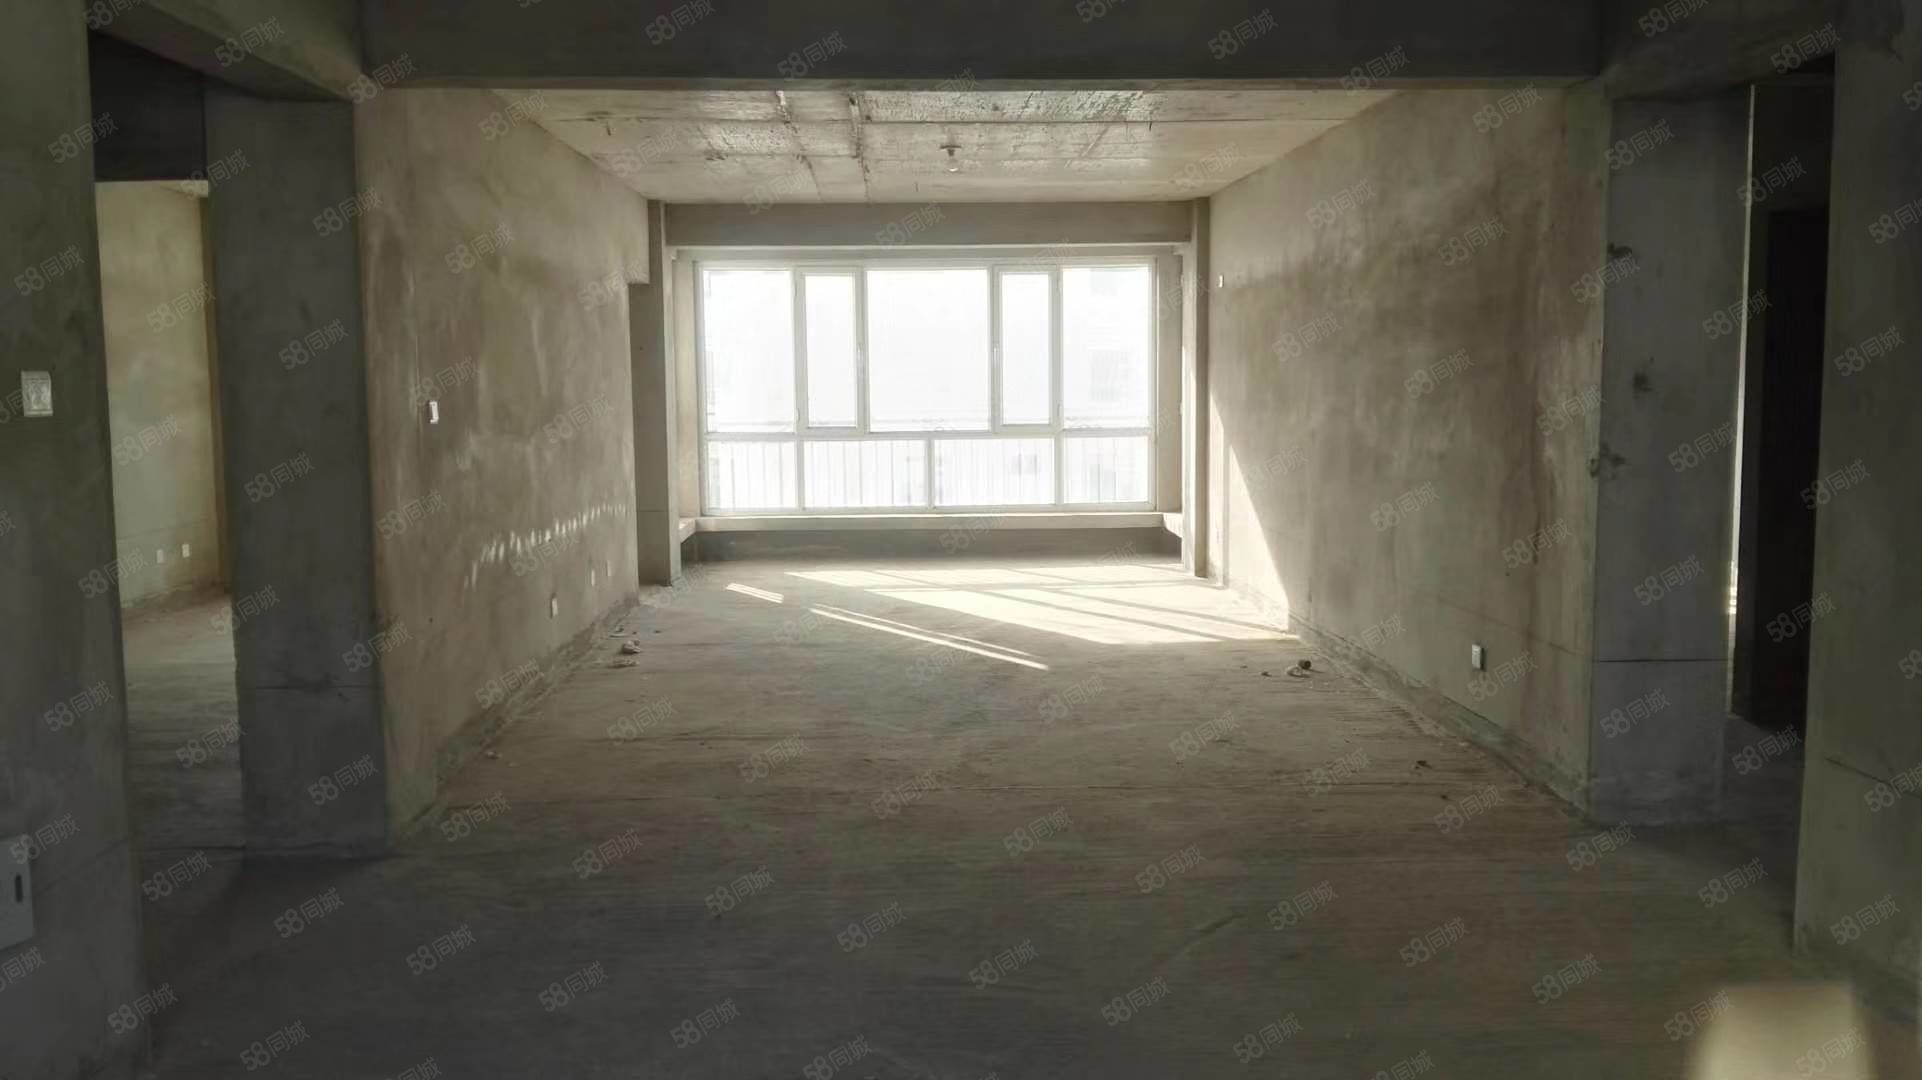 金裕景苑6樓,134.39平米,毛坯房,68.3萬按揭